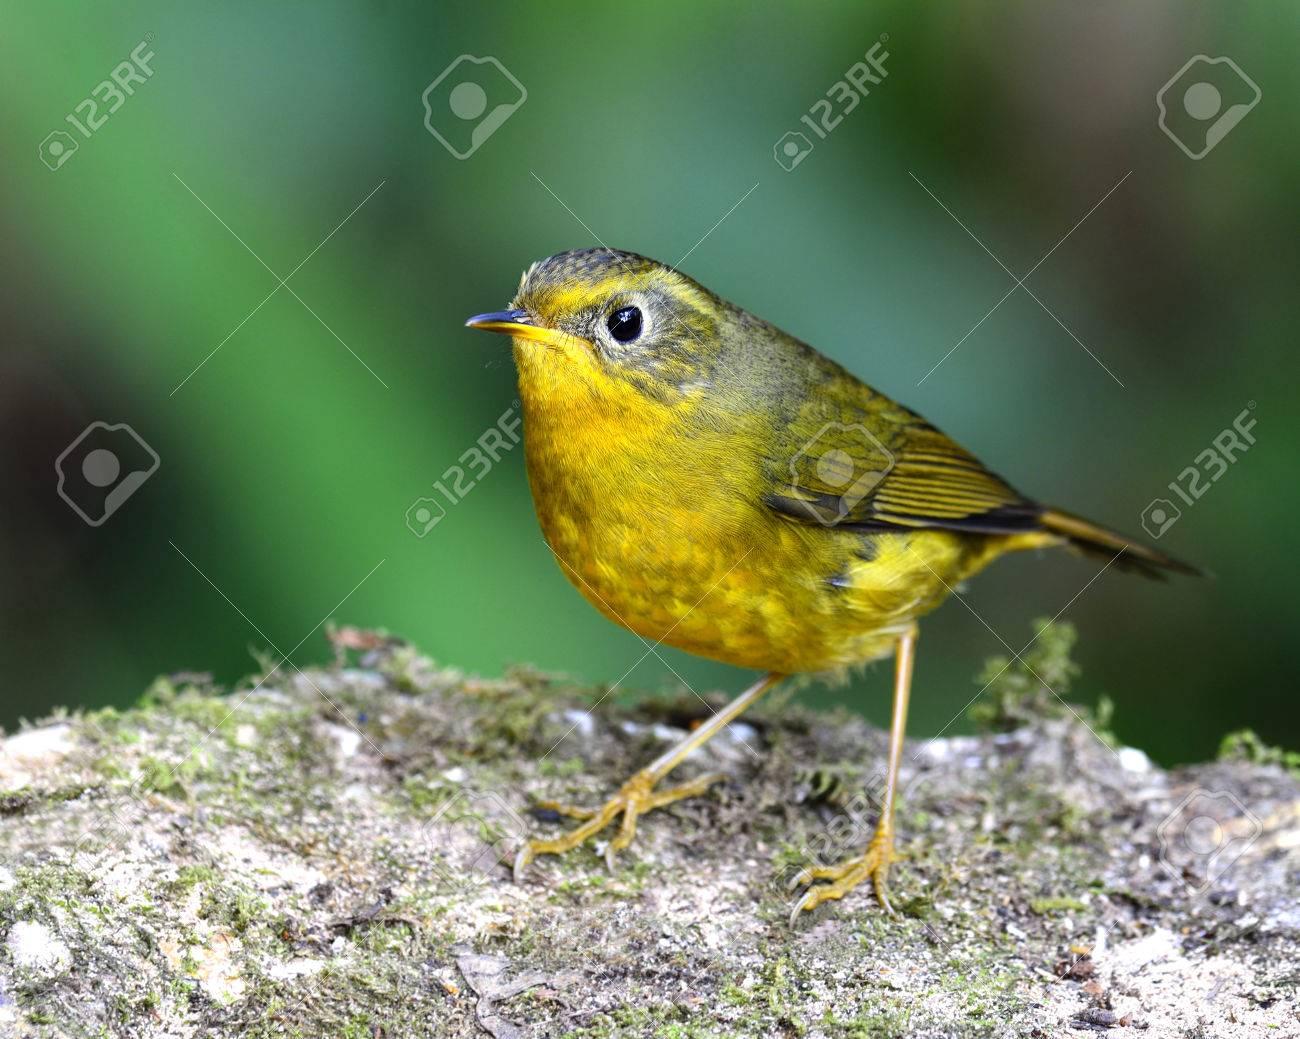 Little Yellow Bird >> Golden Bush Robin The Cute Little Yellow Bird Standing On Rock